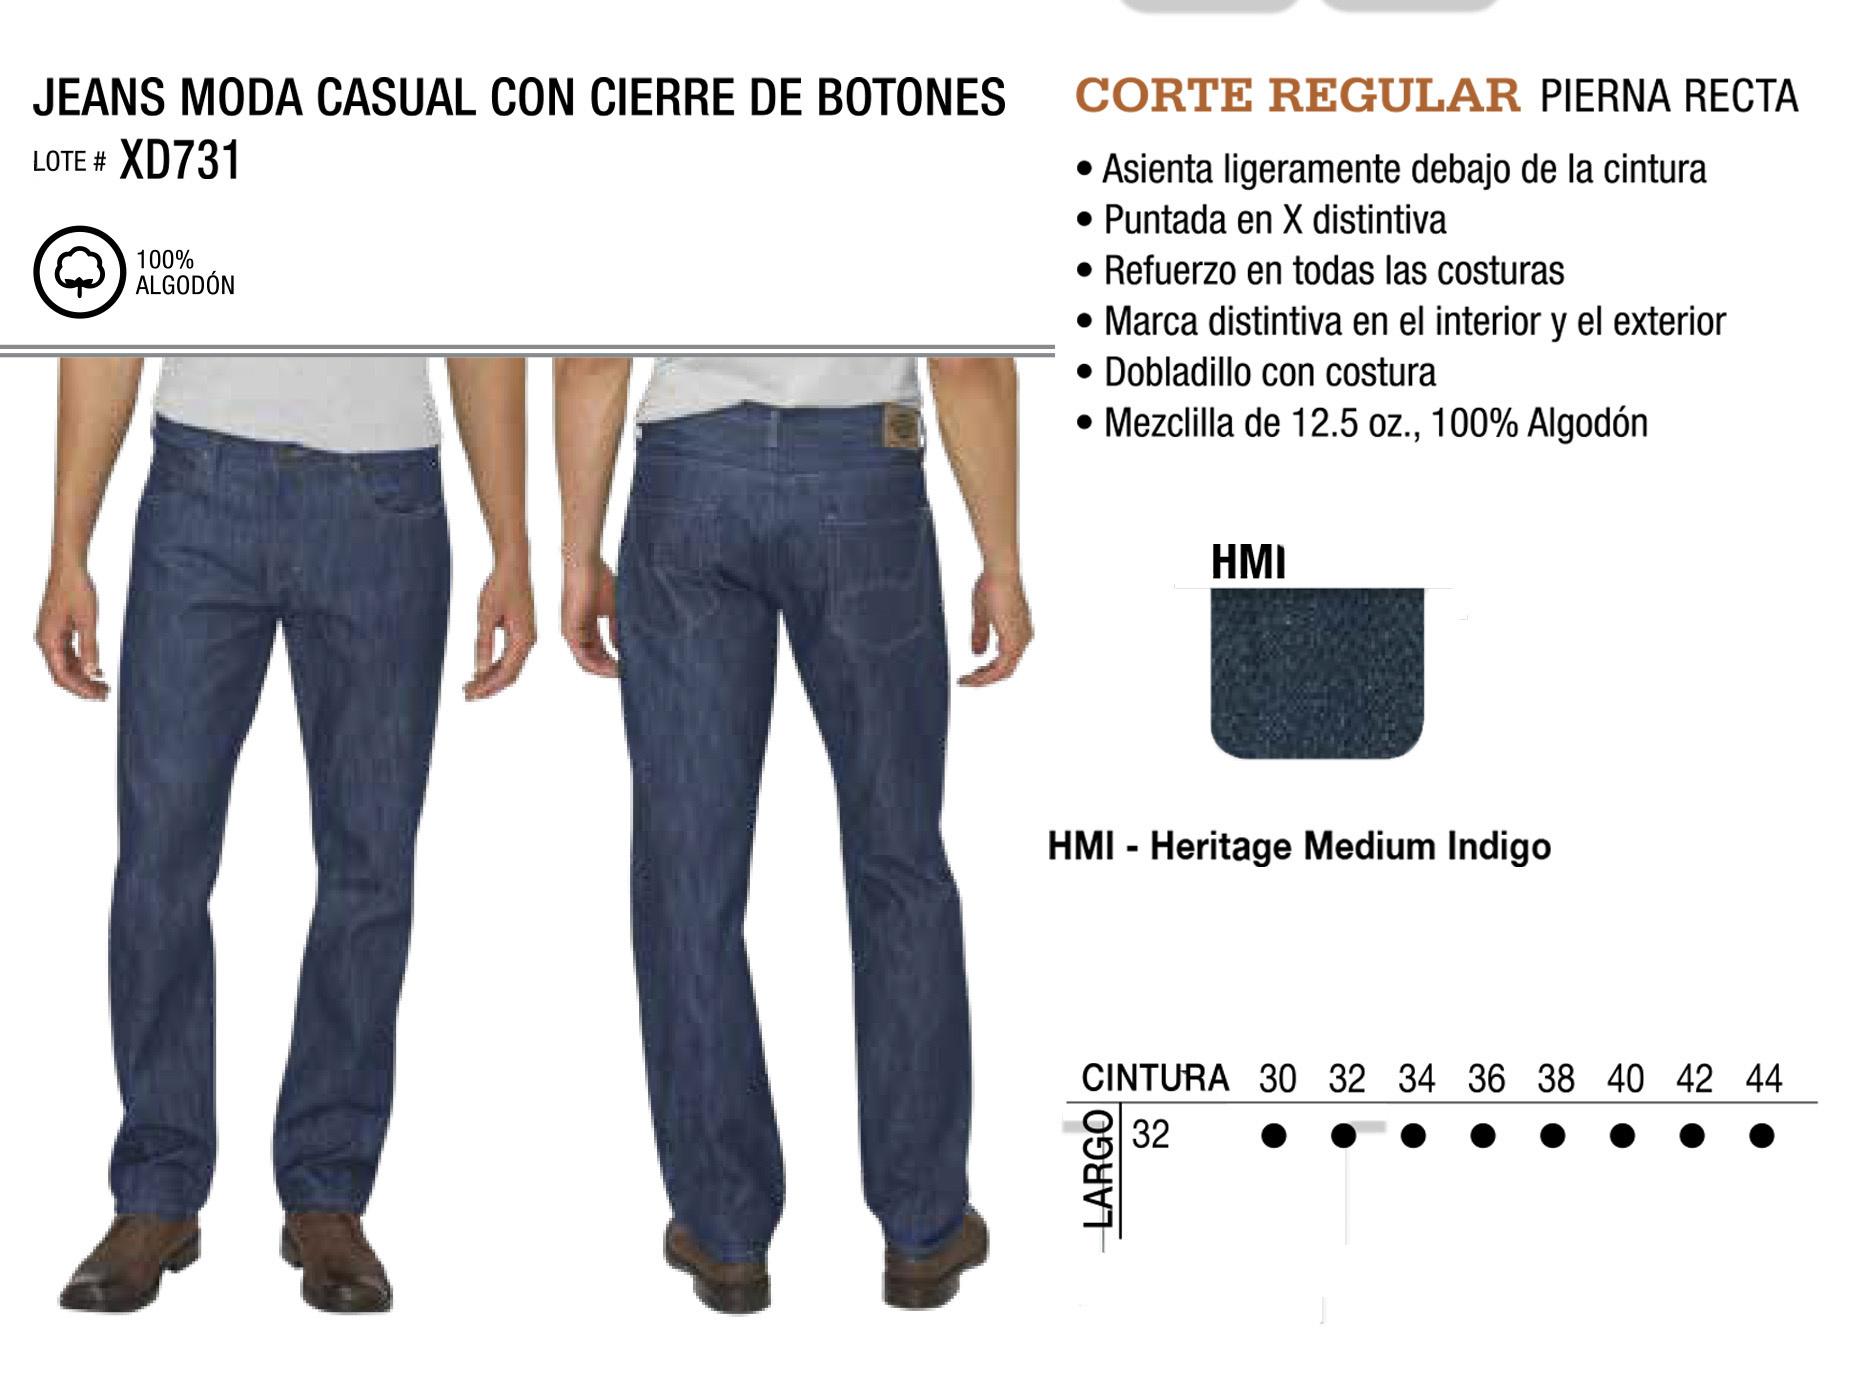 Jeans Moda Casual con Cierre de Botones. Corte Regular. XD731